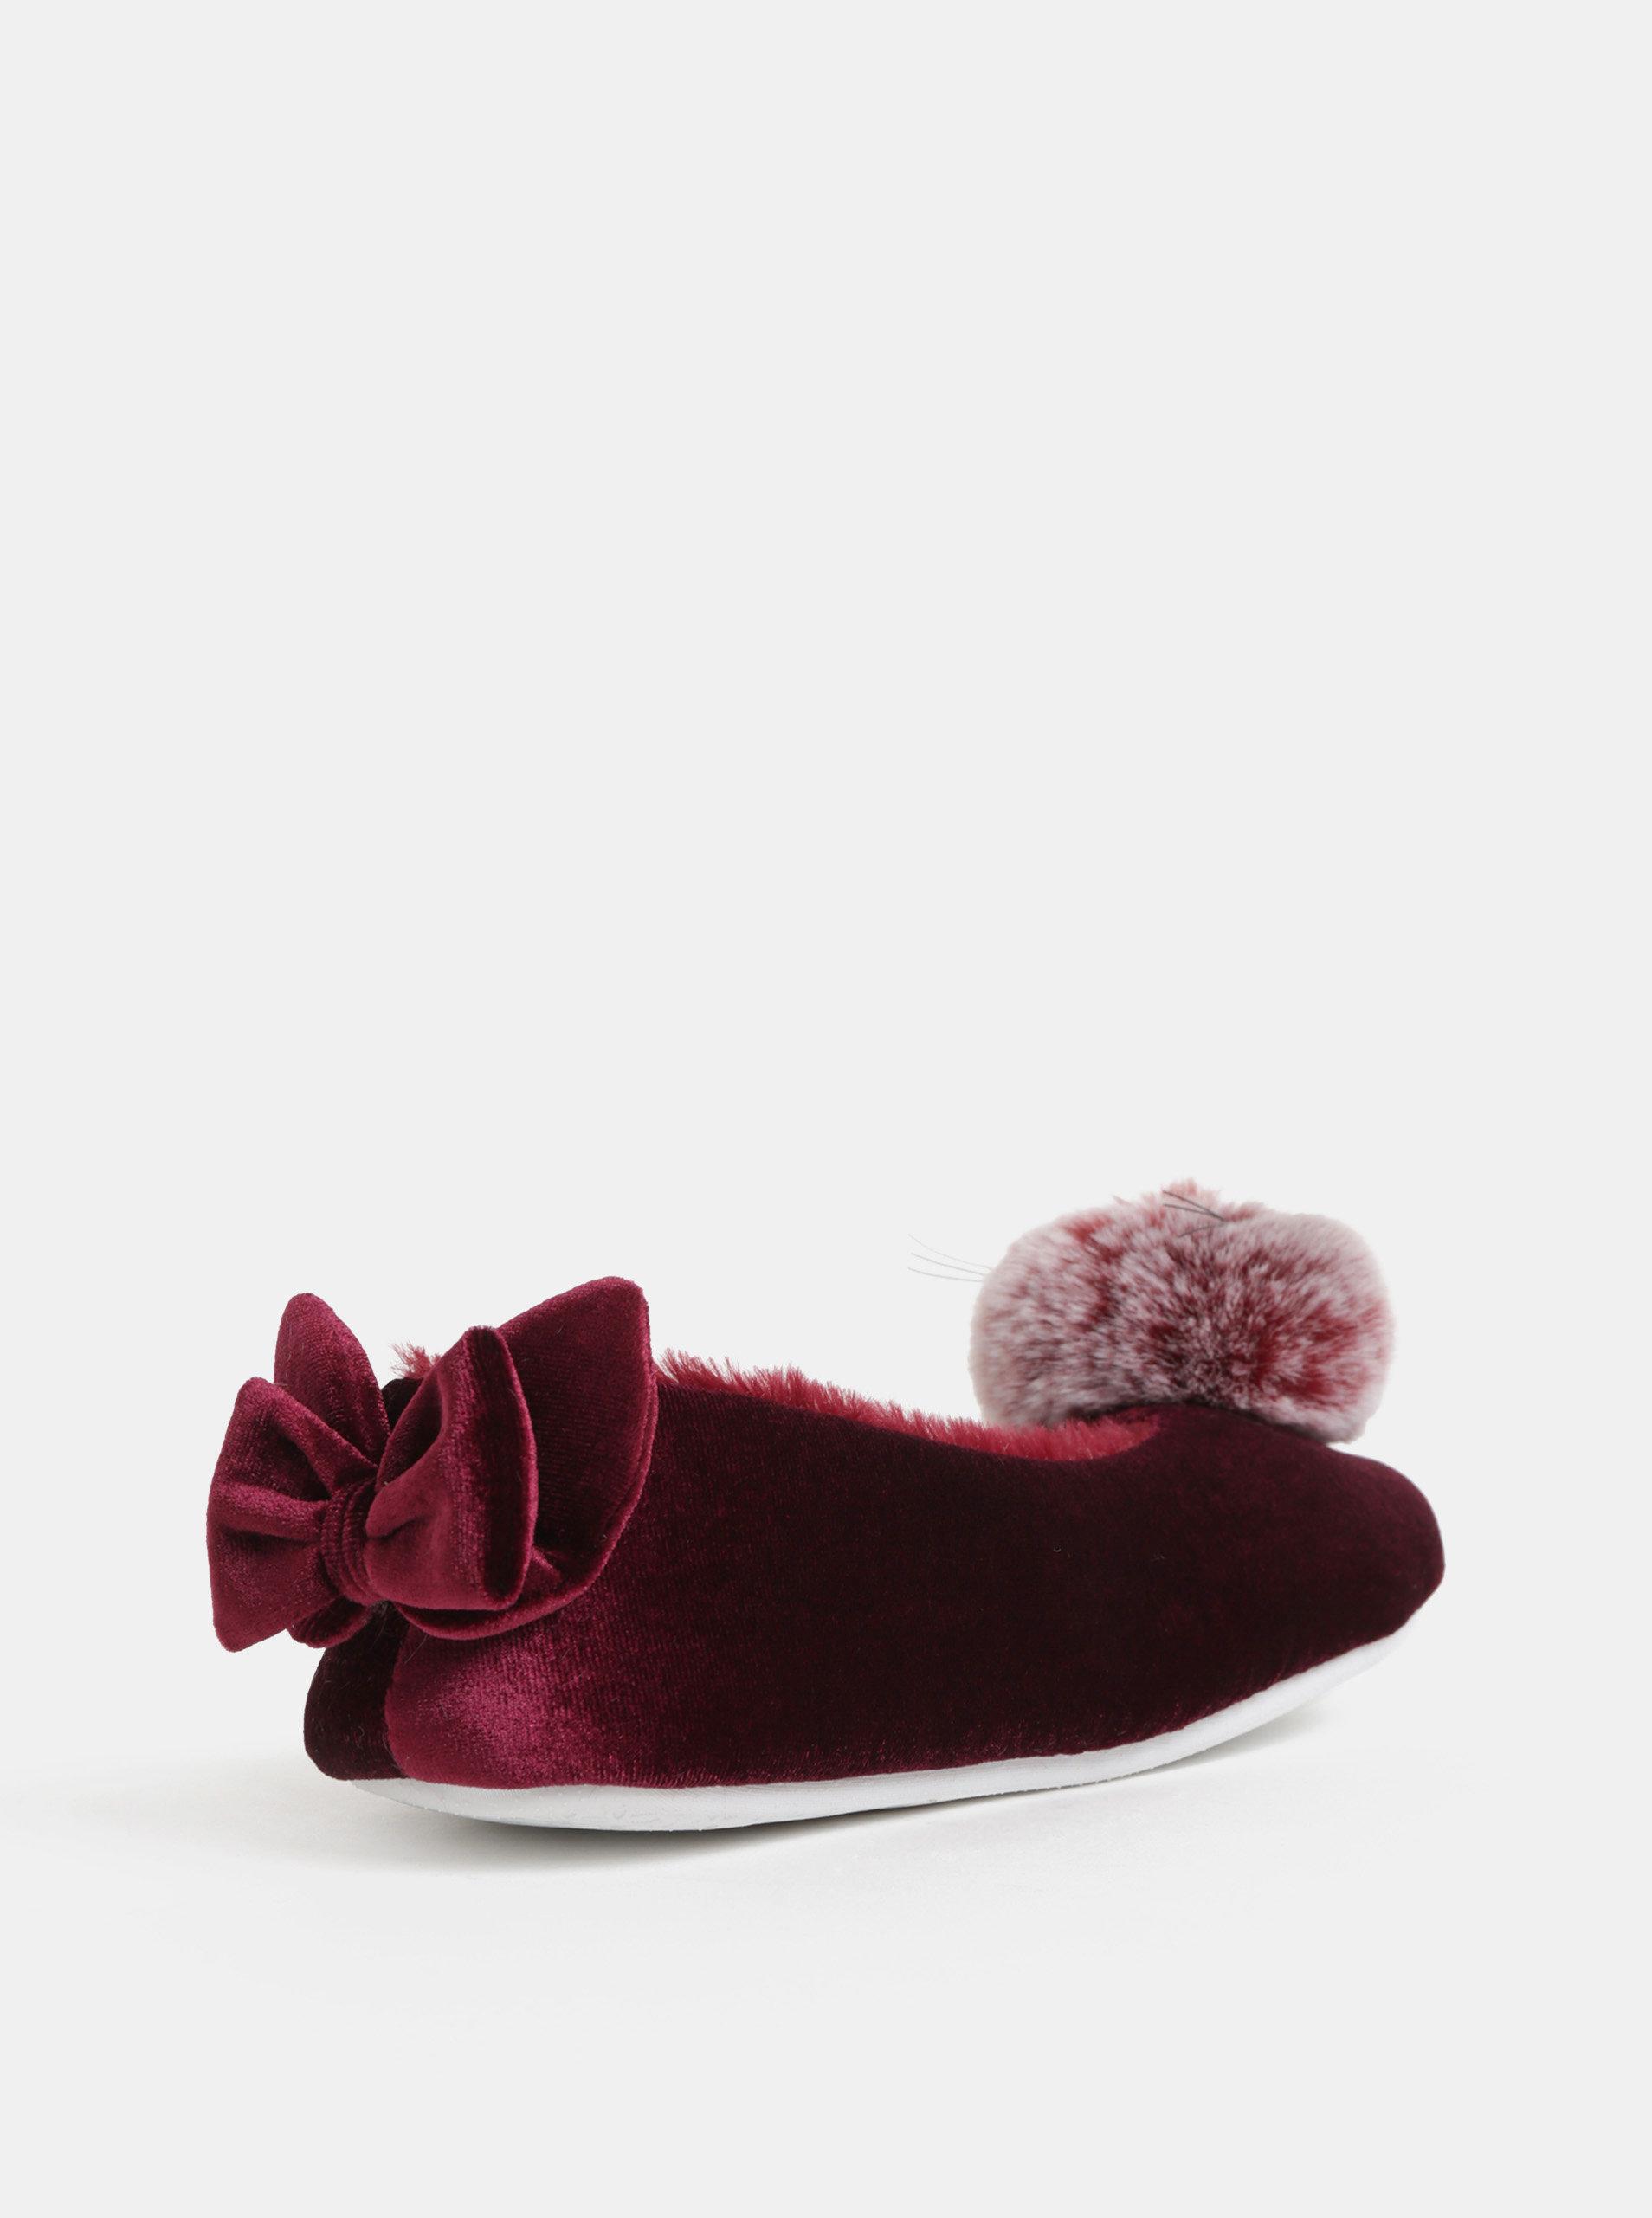 72a5f1ceb Vínové papuče s brmbolcom a mašľou v darčekovom balení Something Special ...